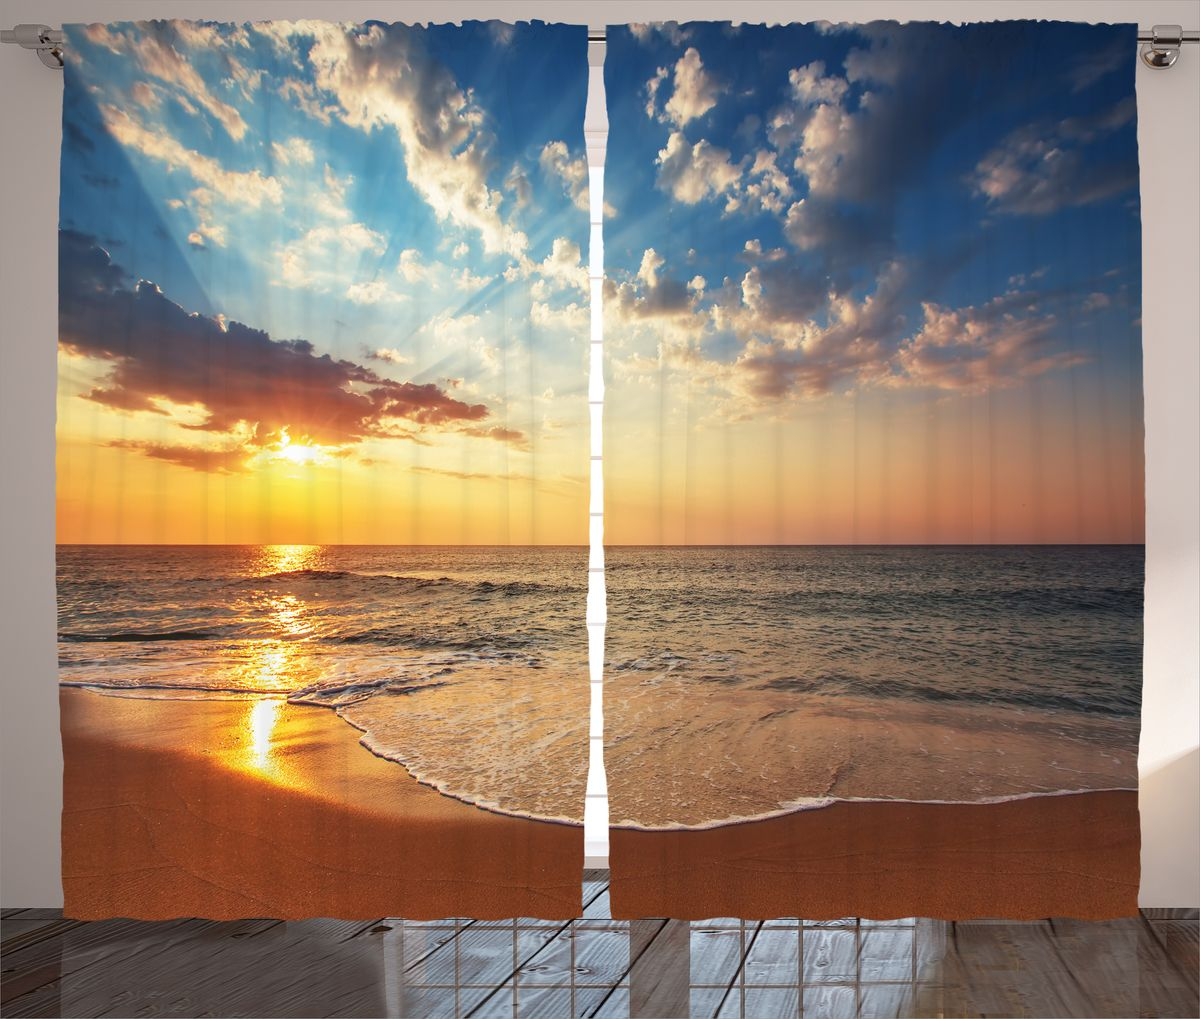 Комплект фотоштор Magic Lady Оранжевый пляж, на ленте, высота 265 см. шсг_15030шсг_15030Компания Сэмболь изготавливает шторы из высококачественного сатена (полиэстер 100%). При изготовлении используются специальные гипоаллергенные чернила для прямой печати по ткани, безопасные для человека и животных. Экологичность продукции Magic lady и безопасность для окружающей среды подтверждены сертификатом Oeko-Tex Standard 100. Крепление: крючки для крепления на шторной ленте (50 шт). Возможно крепление на трубу. Внимание! При нанесении сублимационной печати на ткань технологическим методом при температуре 240°С, возможно отклонение полученных размеров (указанных на этикетке и сайте) от стандартных на + - 3-5 см. Производитель старается максимально точно передать цвета изделия на фотографиях, однако искажения неизбежны и фактический цвет изделия может отличаться от воспринимаемого по фото. Обратите внимание! Шторы изготовлены из полиэстра сатенового переплетения, а не из сатина (хлопок). Размер одного полотна шторы: 145х265 см. В комплекте 2 полотна шторы и 50 крючков.